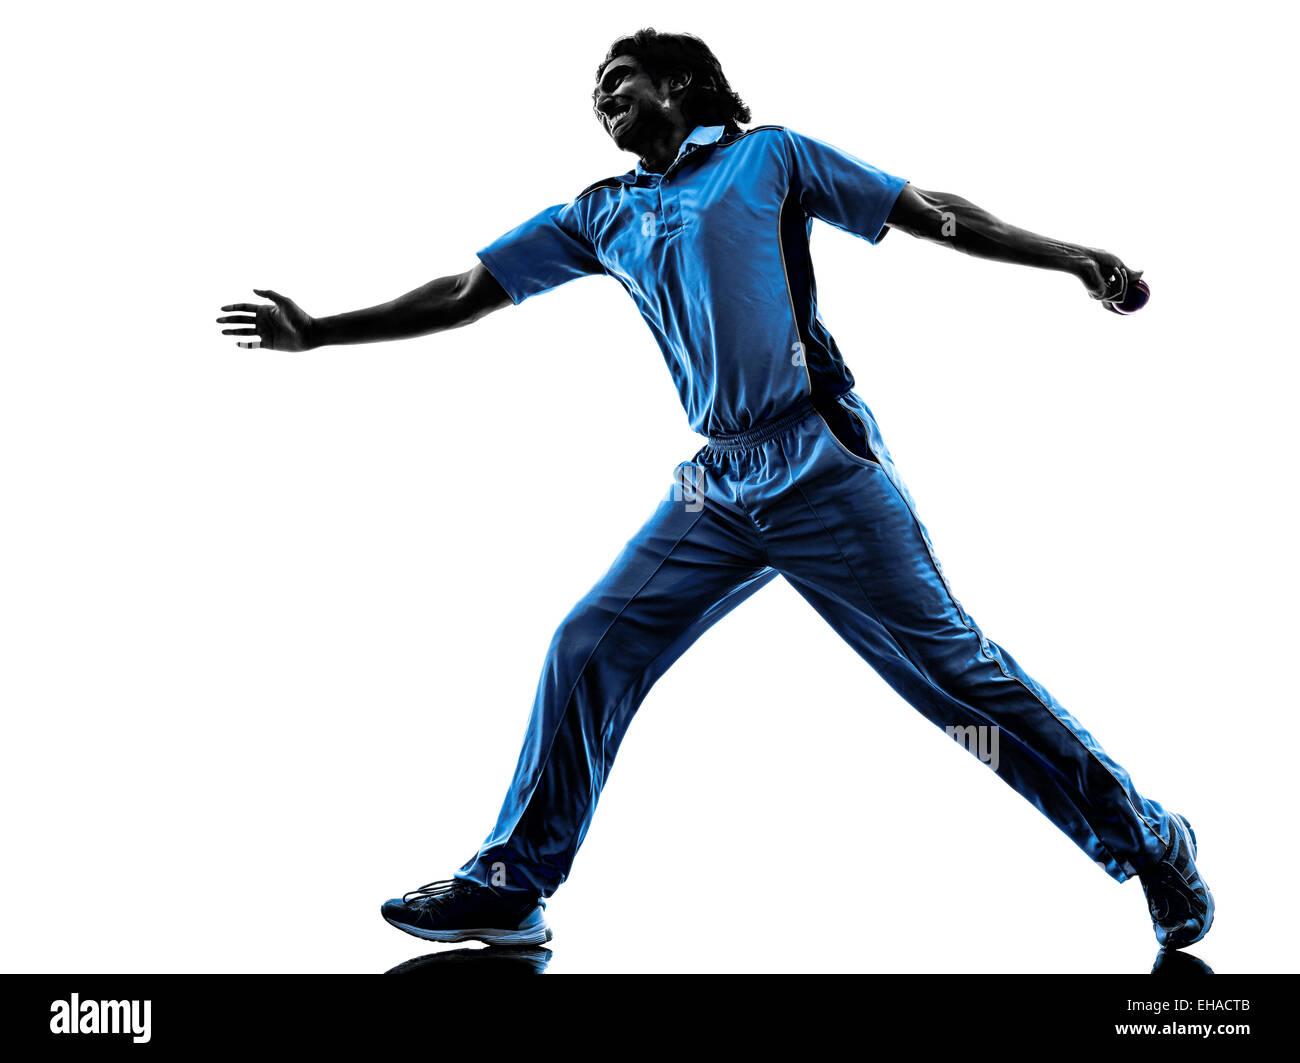 La lanzadora jugador de críquet en silueta sombra sobre fondo blanco. Imagen De Stock